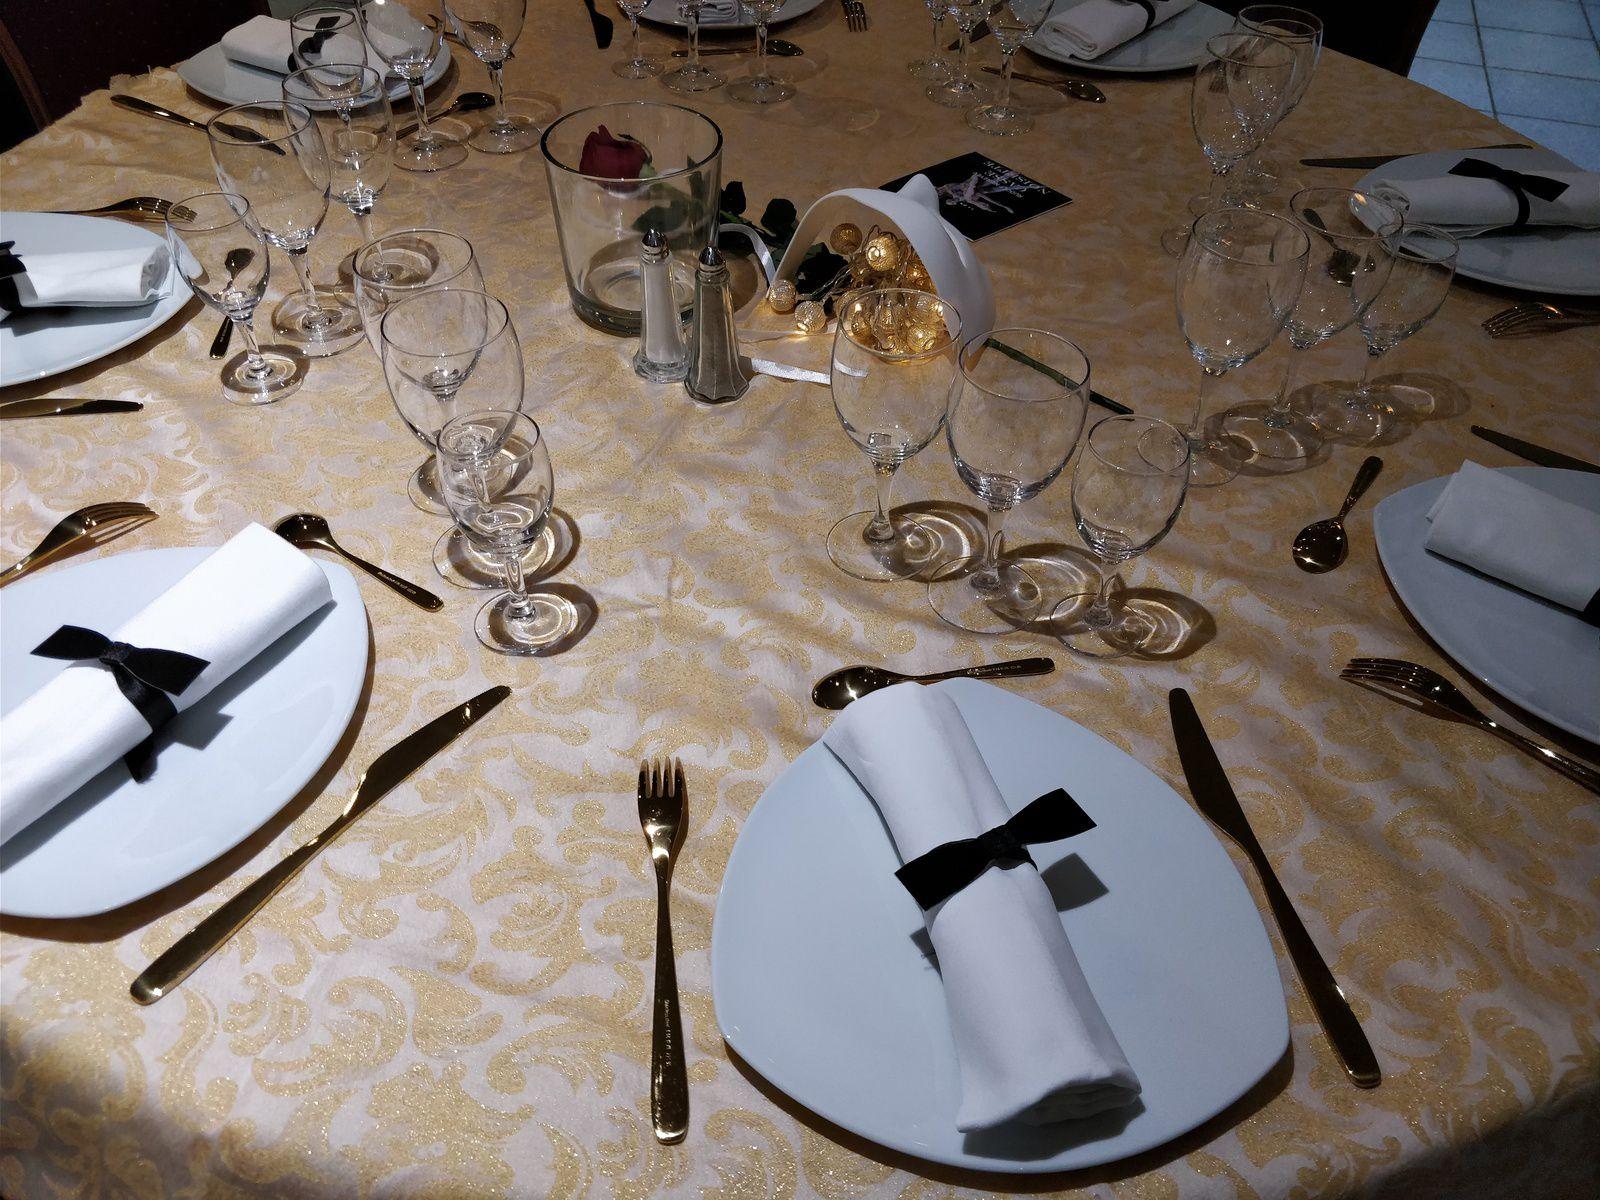 Les tables en fonction des thèmes musicaux... Même la corbeille à pain dans le thème : Ne jamais jeter un cache pot ça sert pour le pain....:)